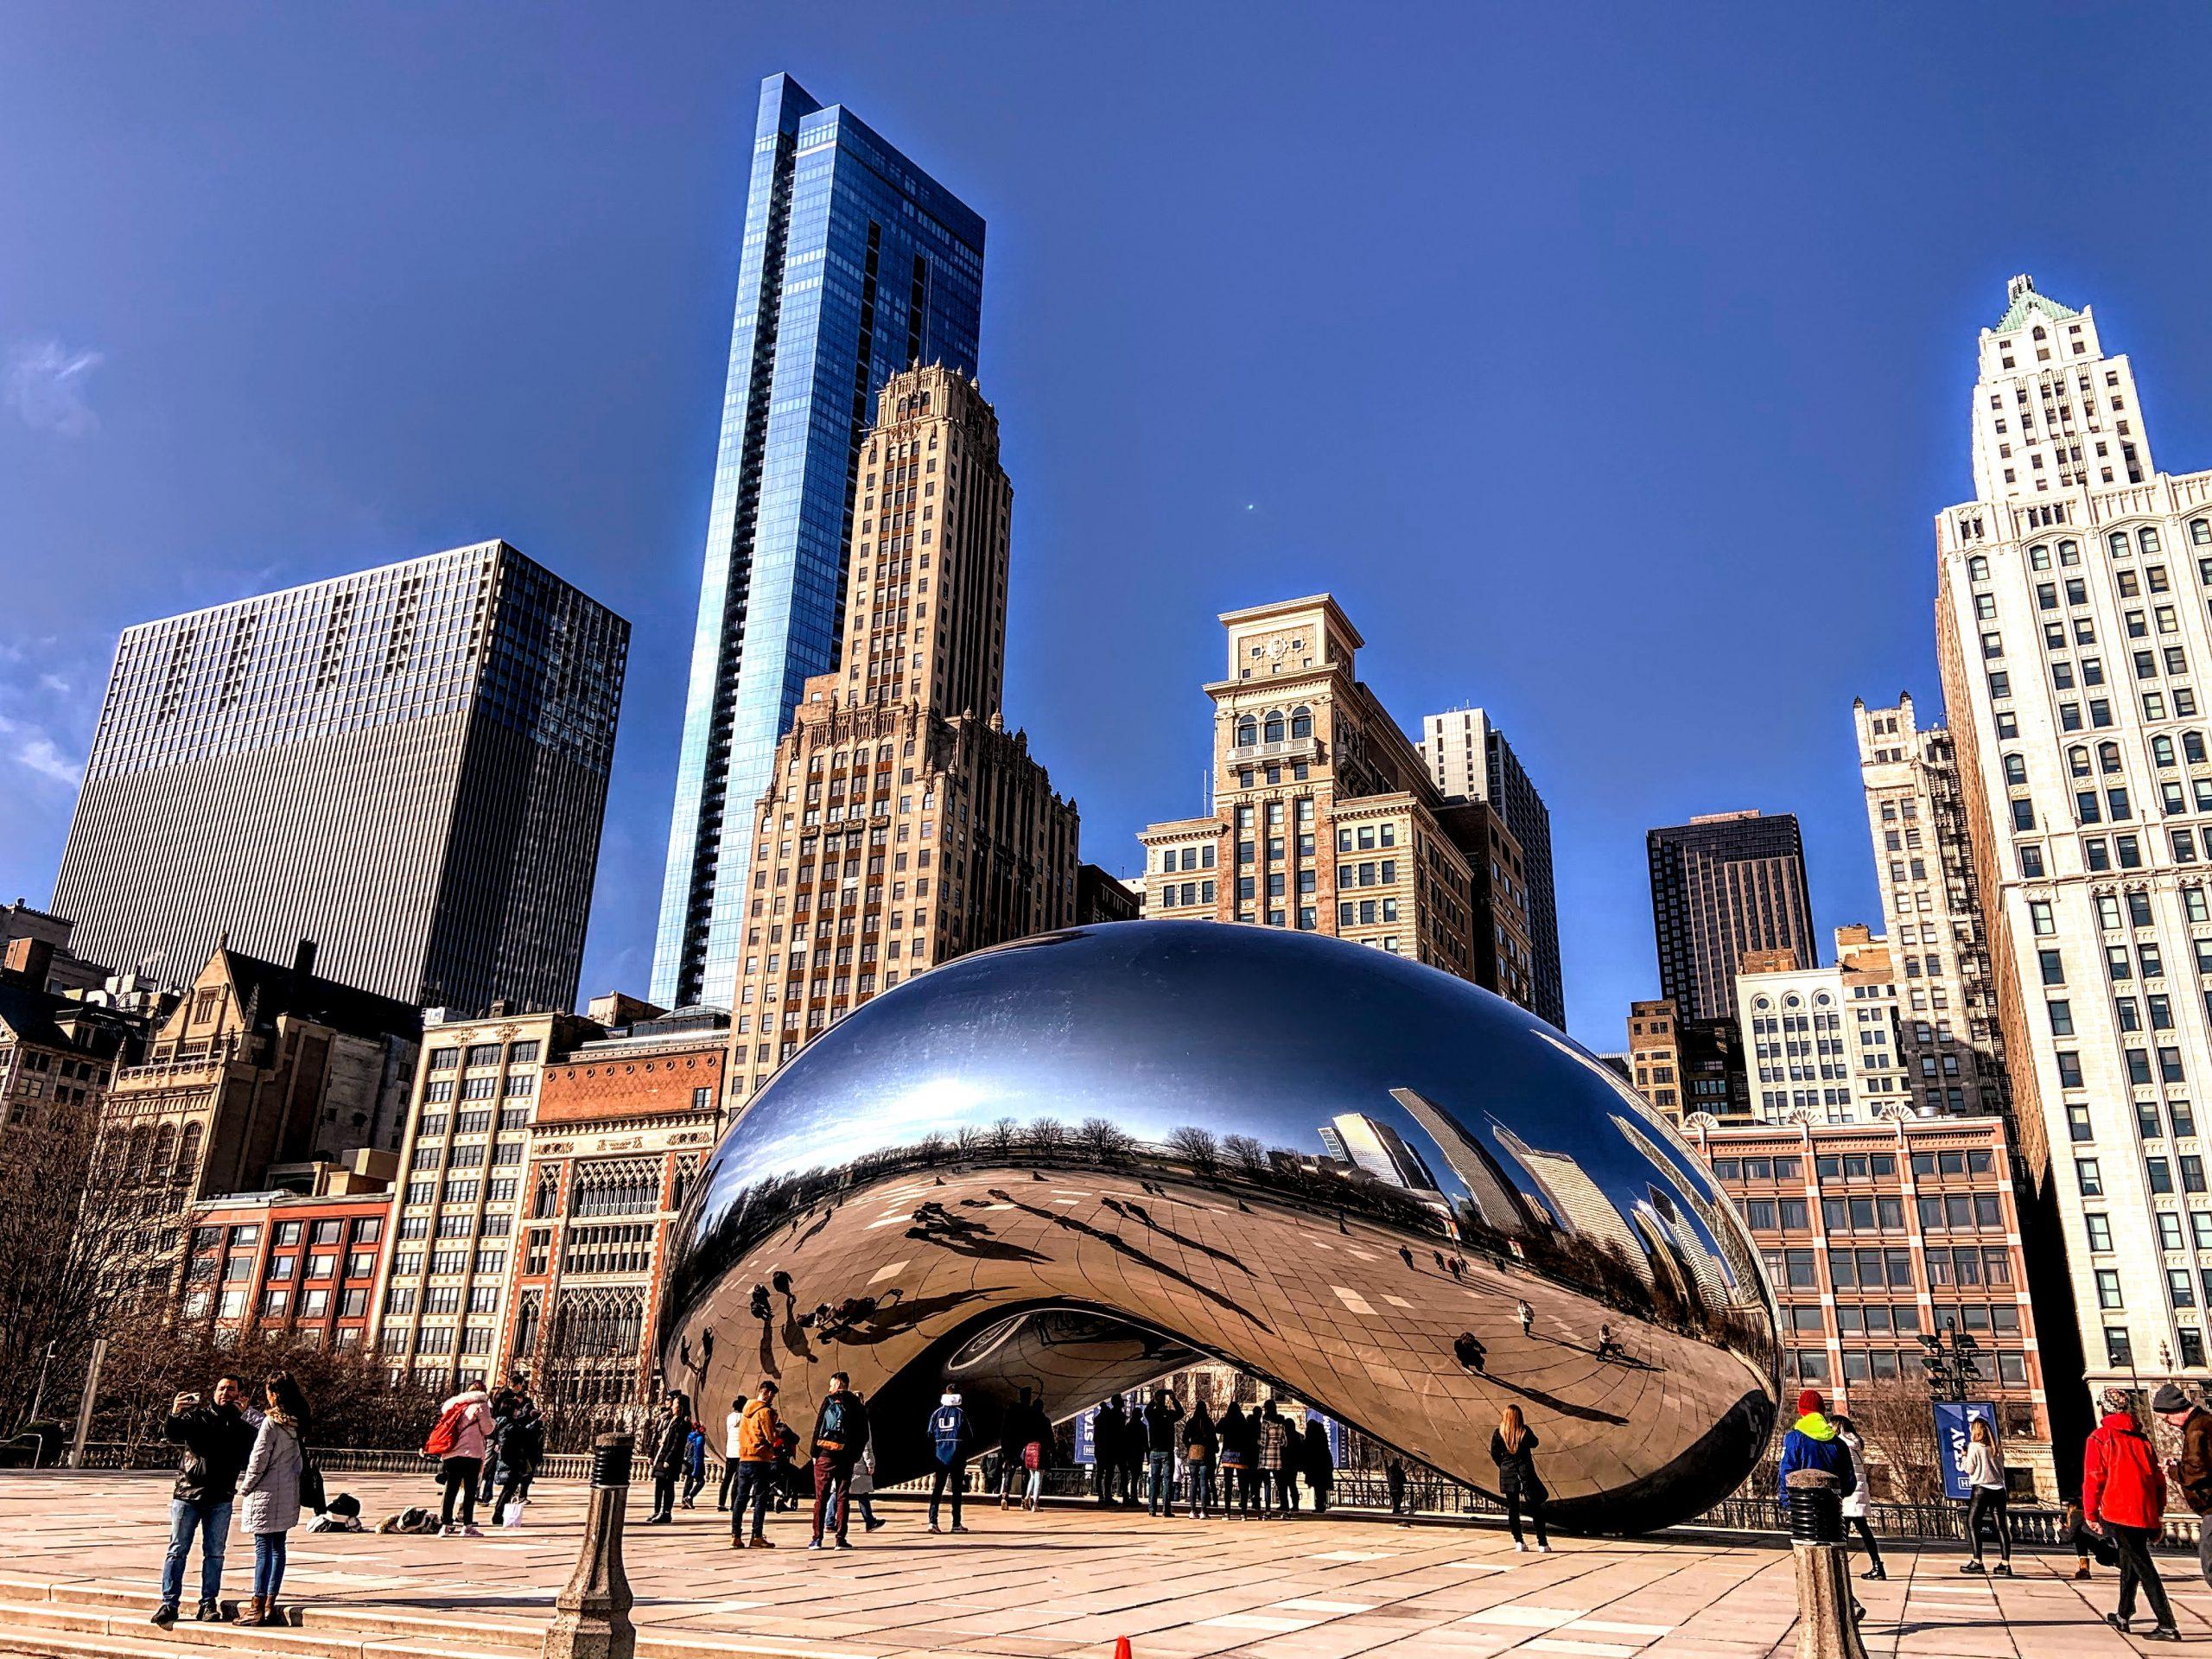 Conheça Chicago: sua história, arquitetura e urbanismo